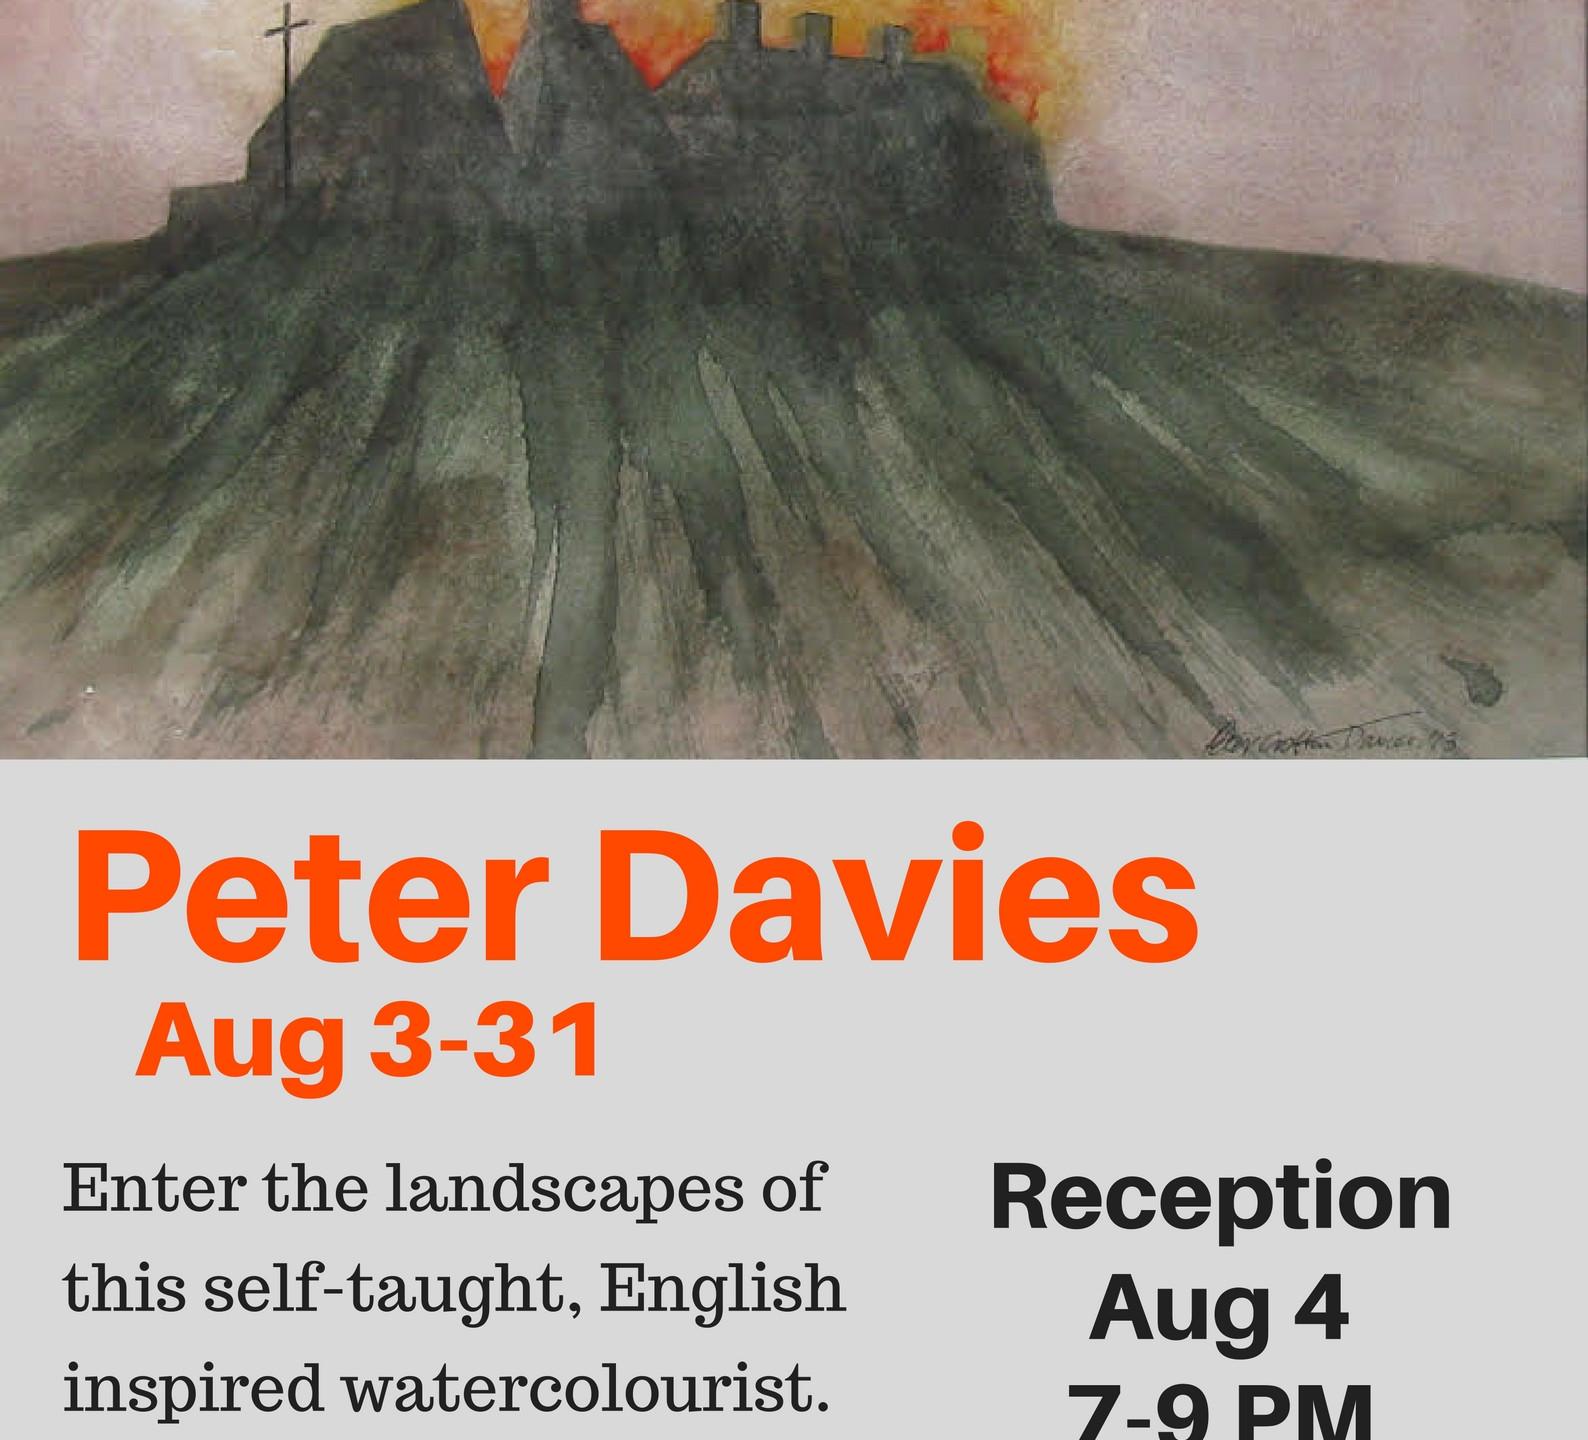 Peter Davies Aug